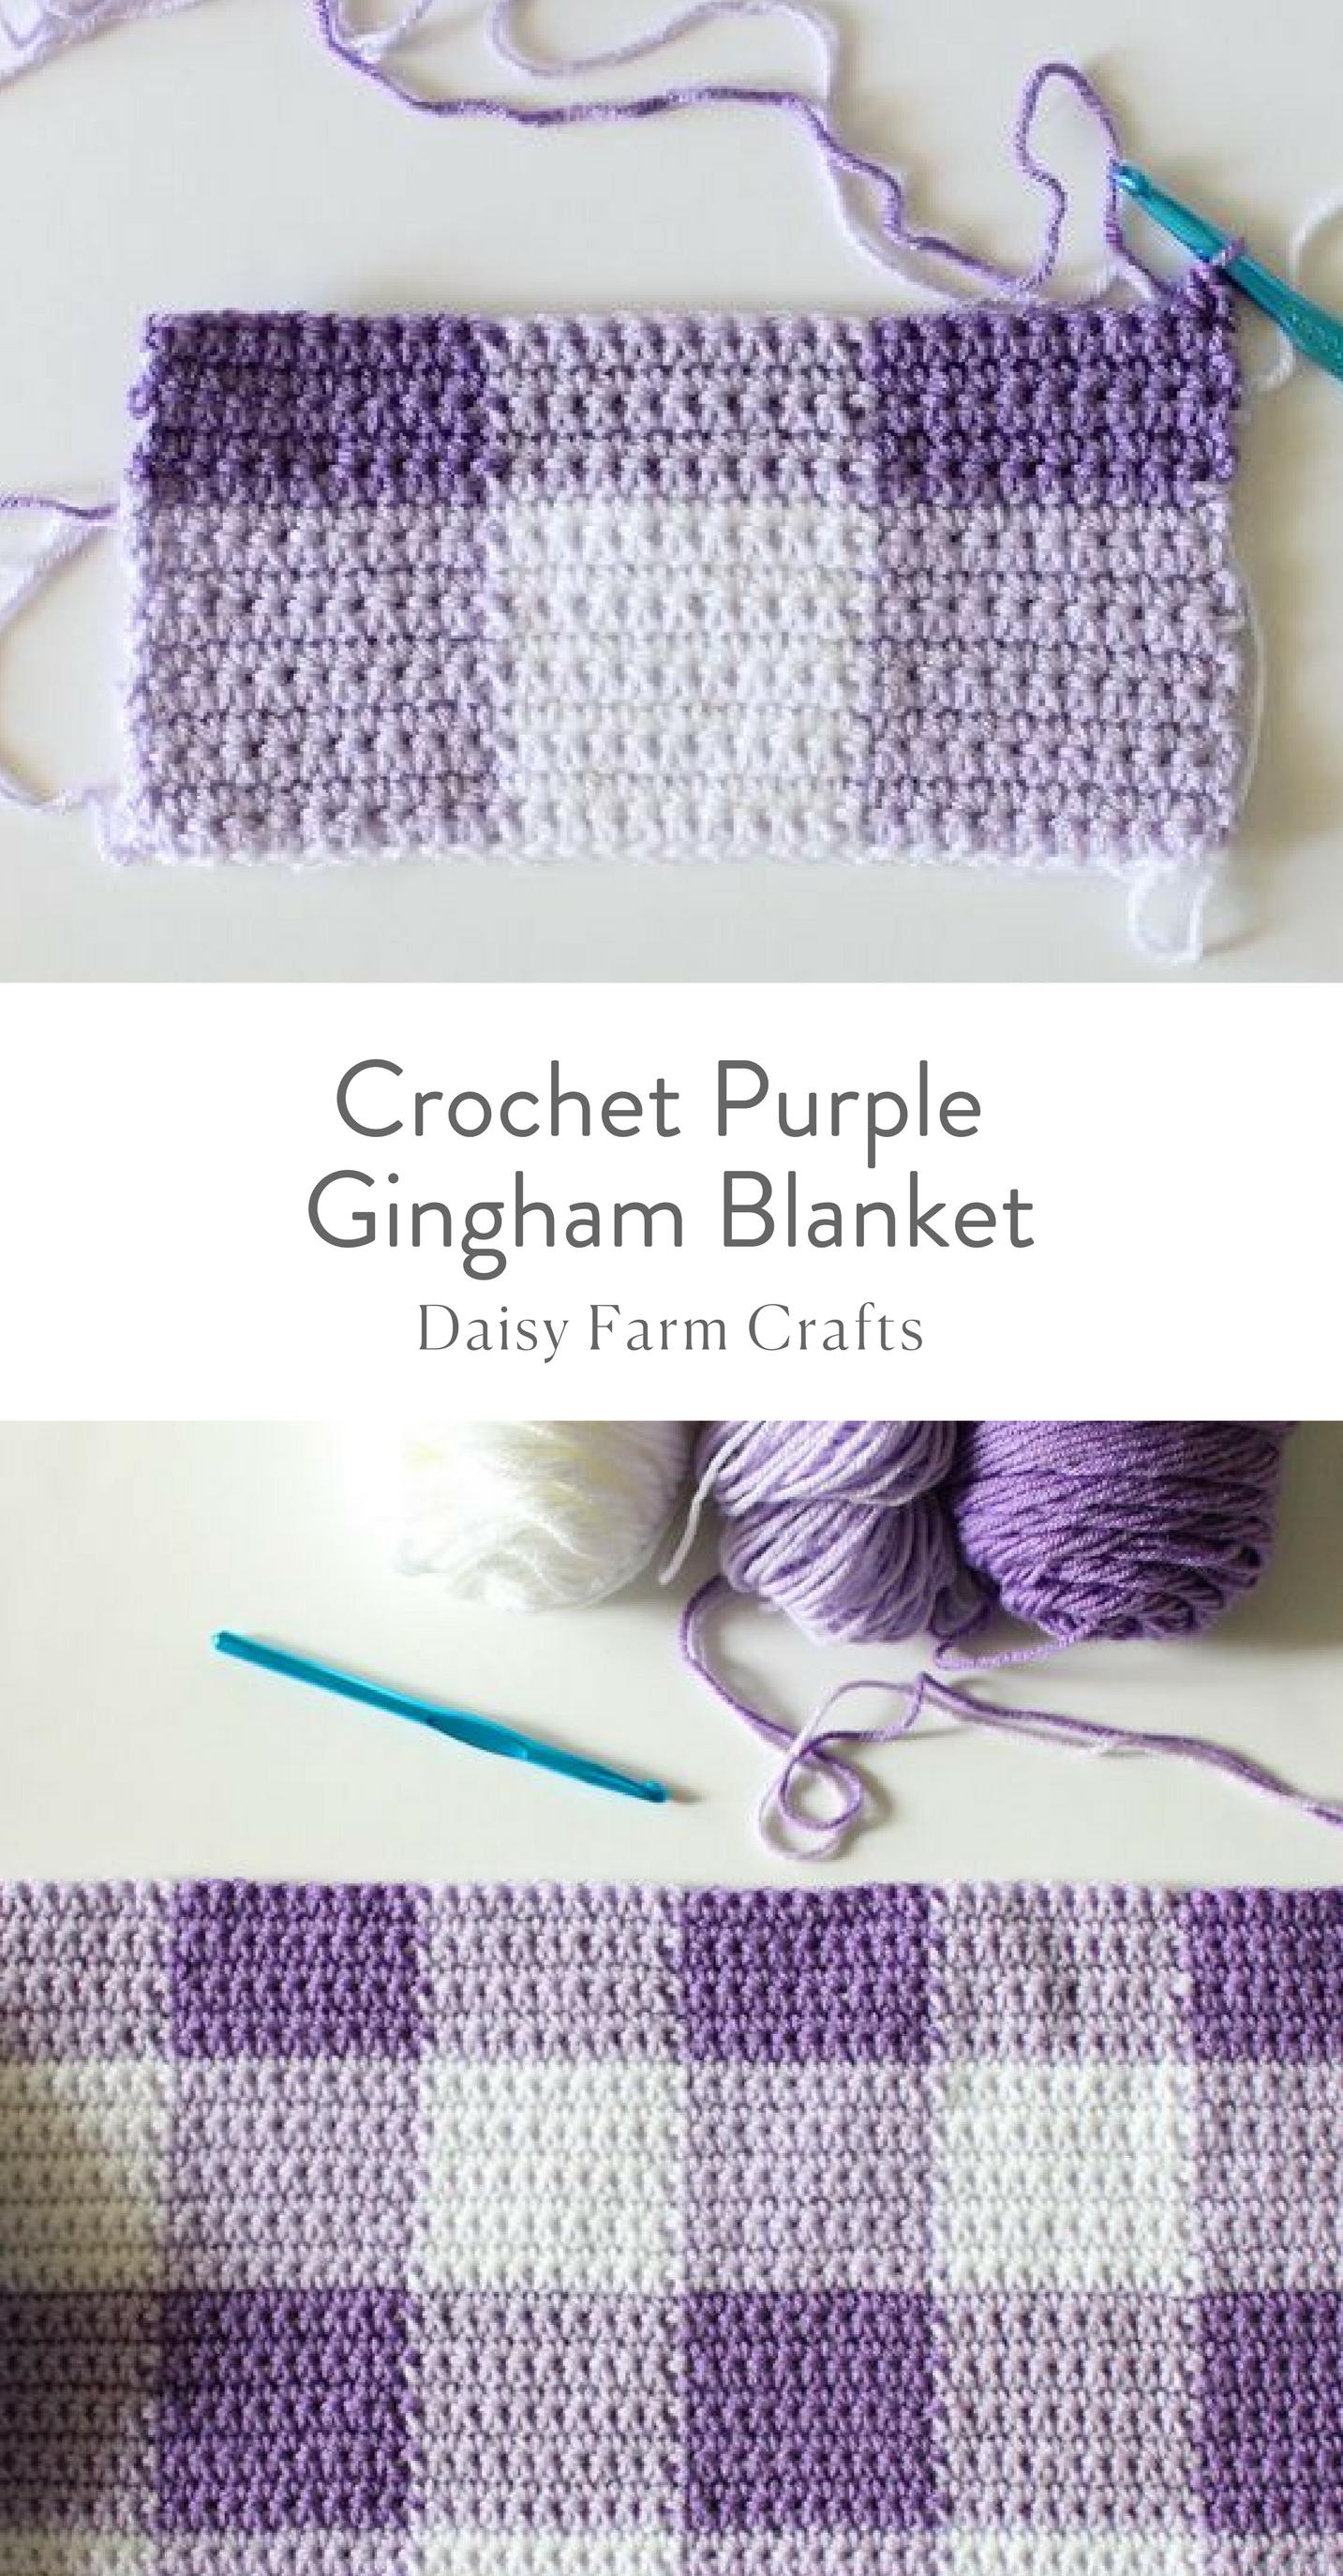 Free Pattern Crochet Purple Gingham Blanket Afghan Crochet Patterns Crochet Blanket Patterns Crochet